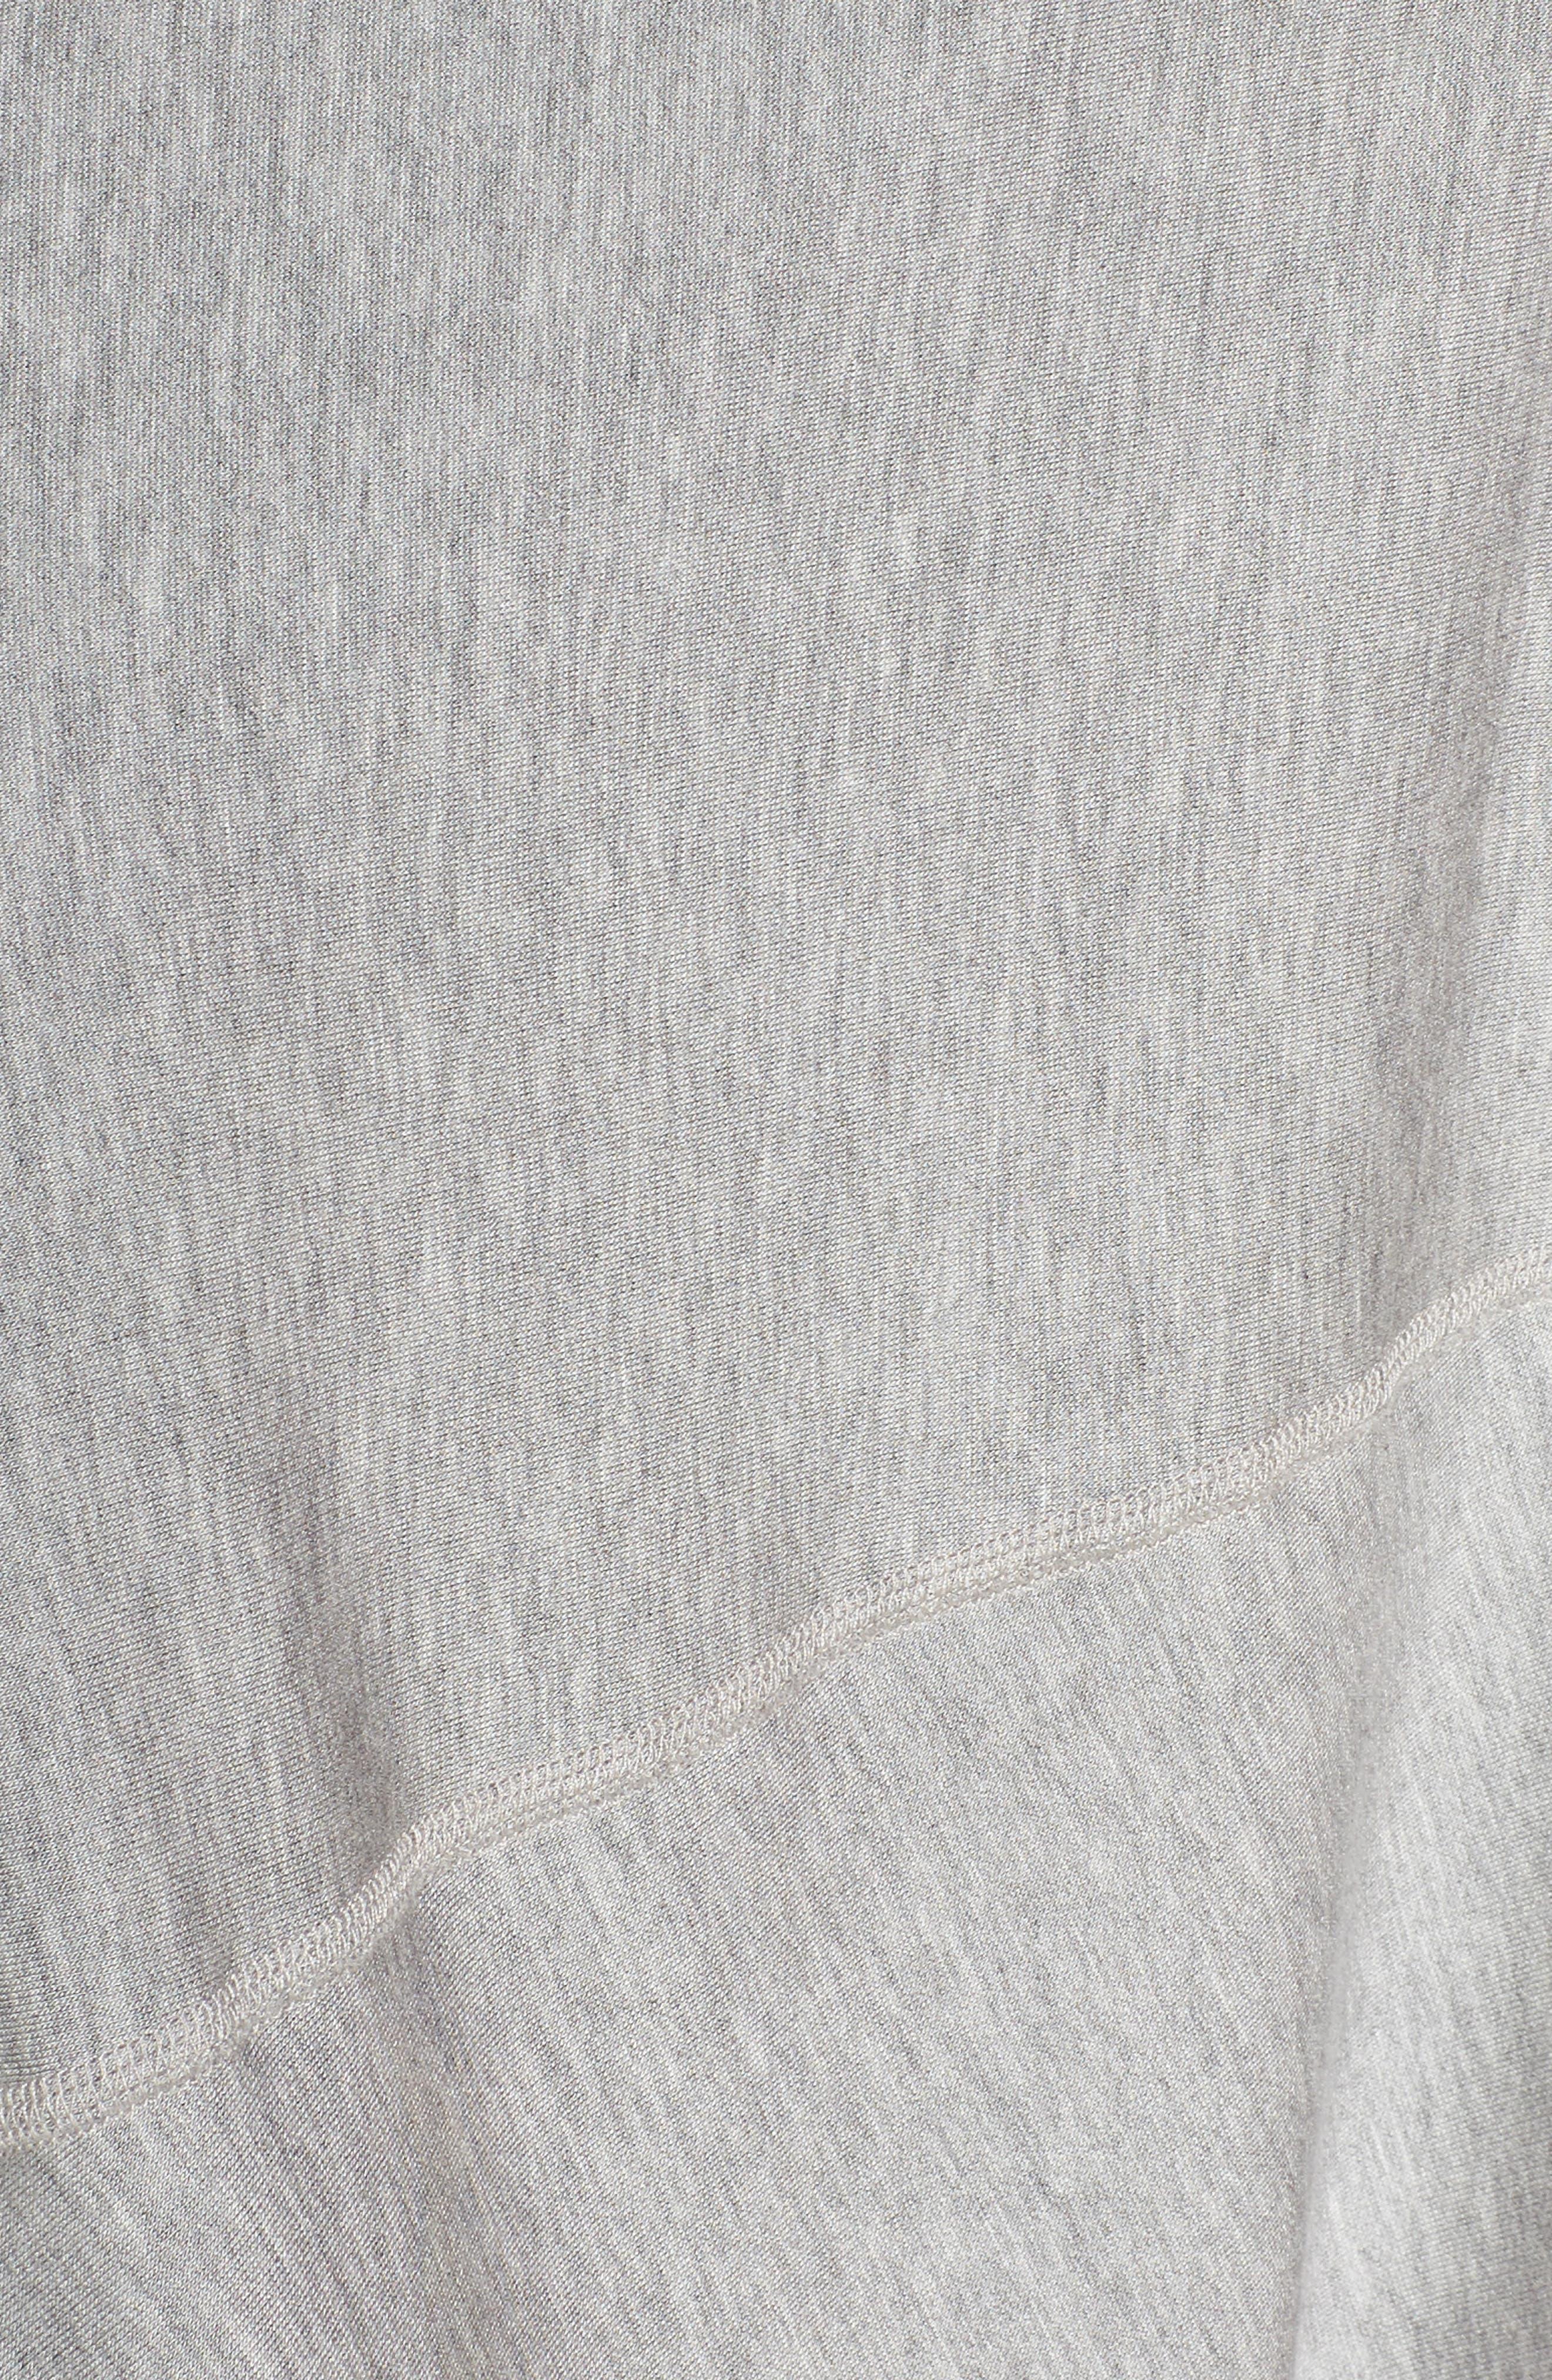 'Cozy' Convertible Fleece Pullover,                             Alternate thumbnail 7, color,                             Light Heather Gray